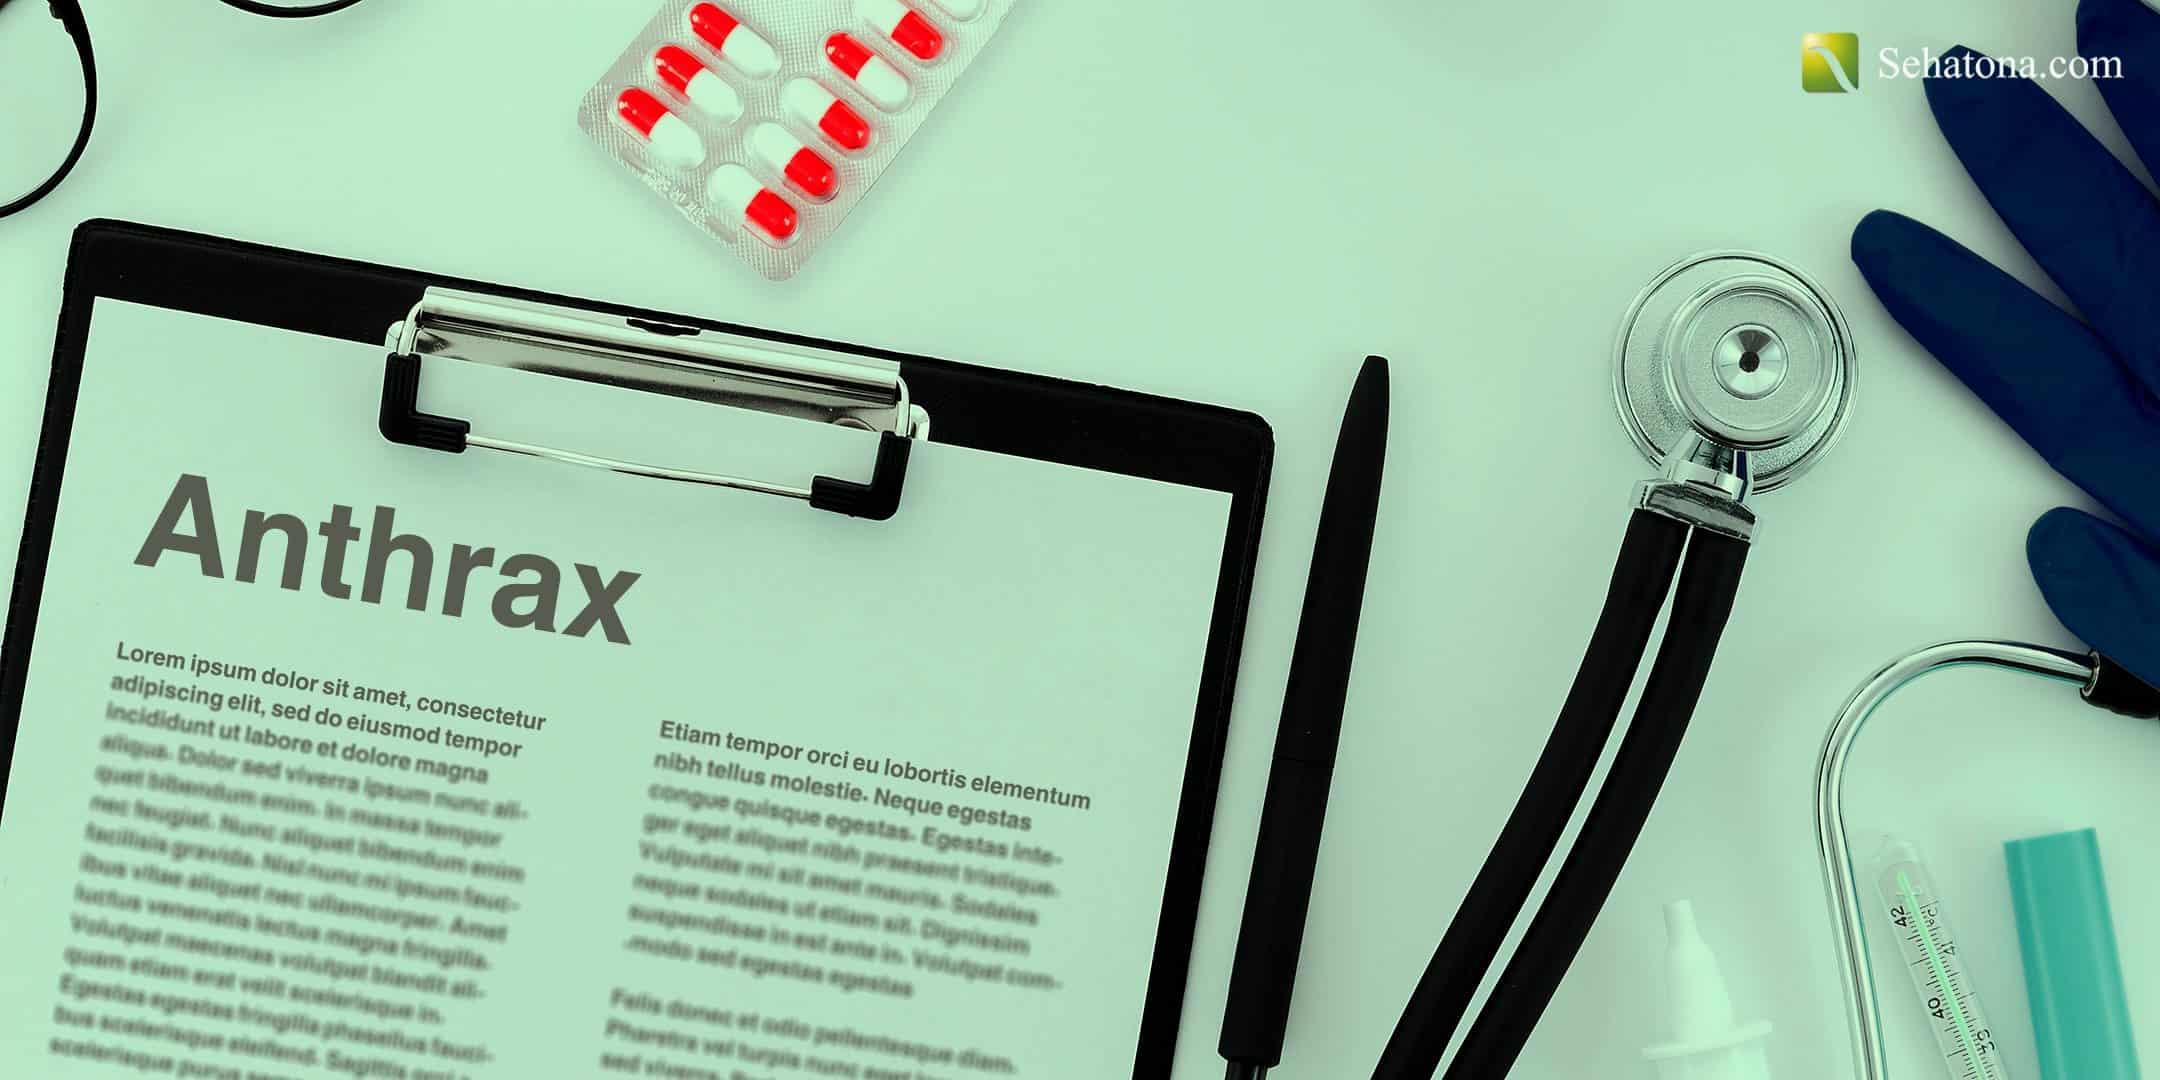 الجمرة الخبيثة Anthrax